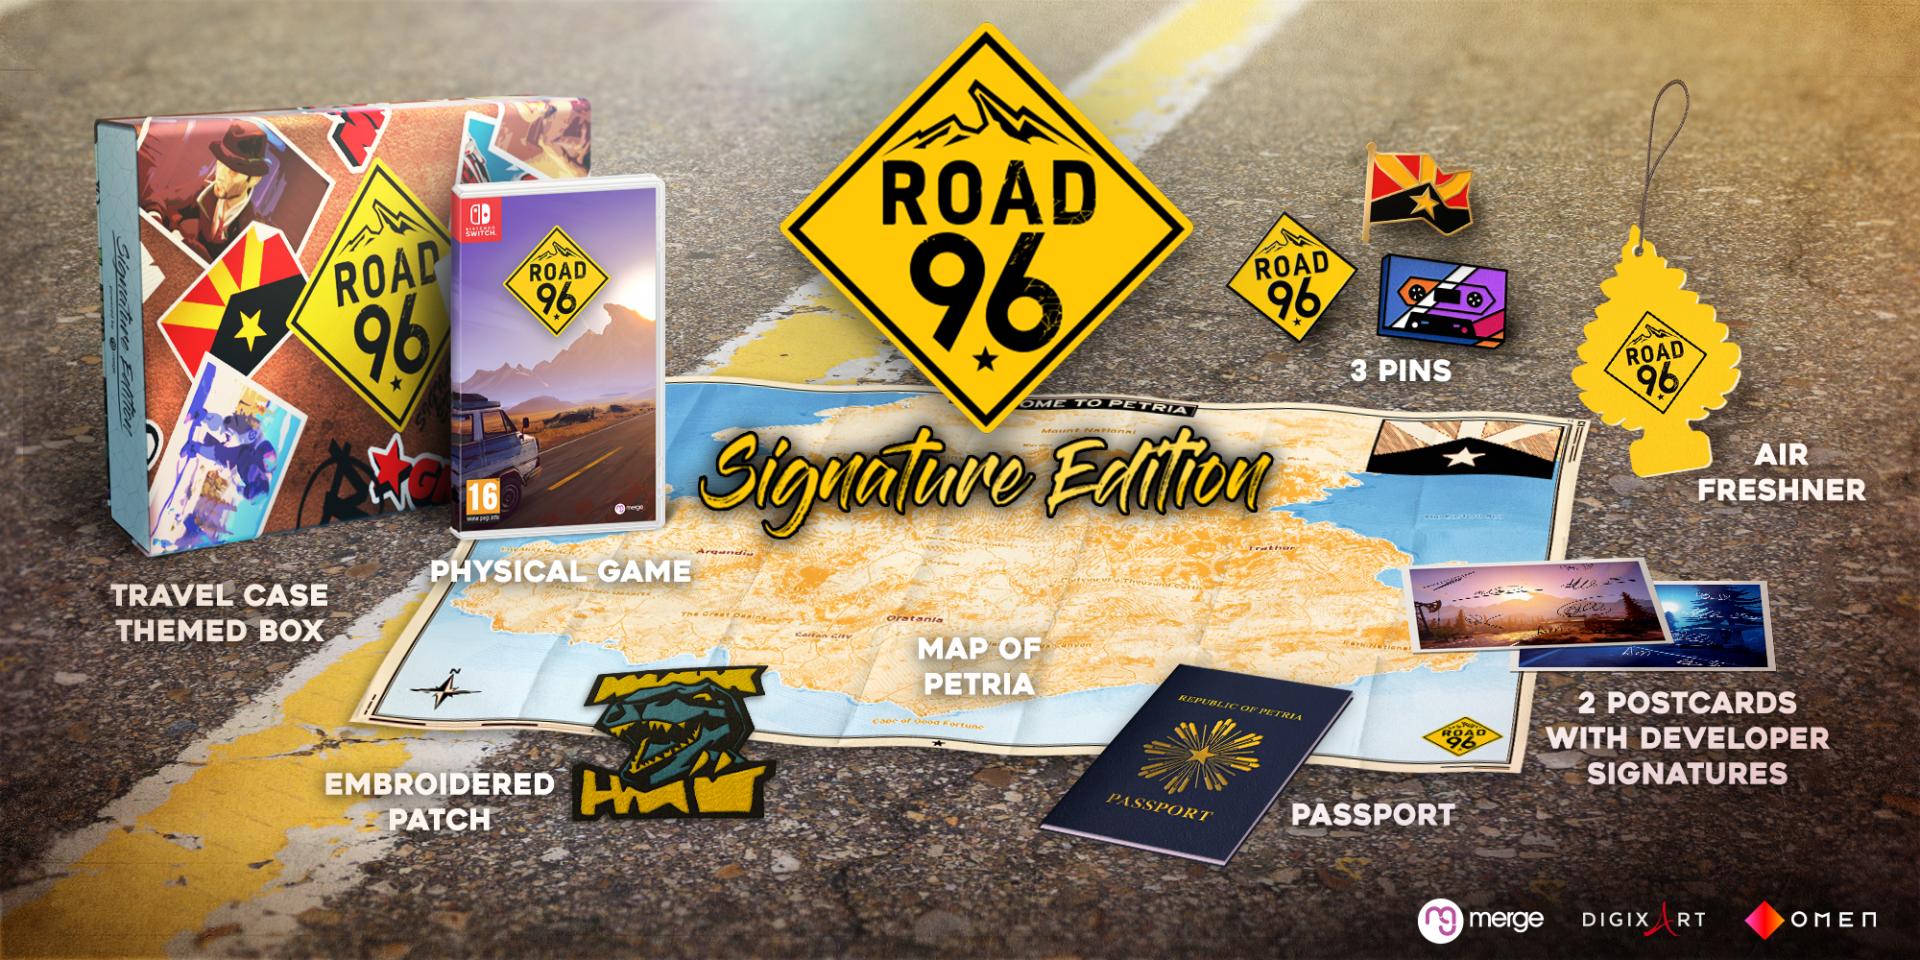 road-96-box-signature-edition-contenu